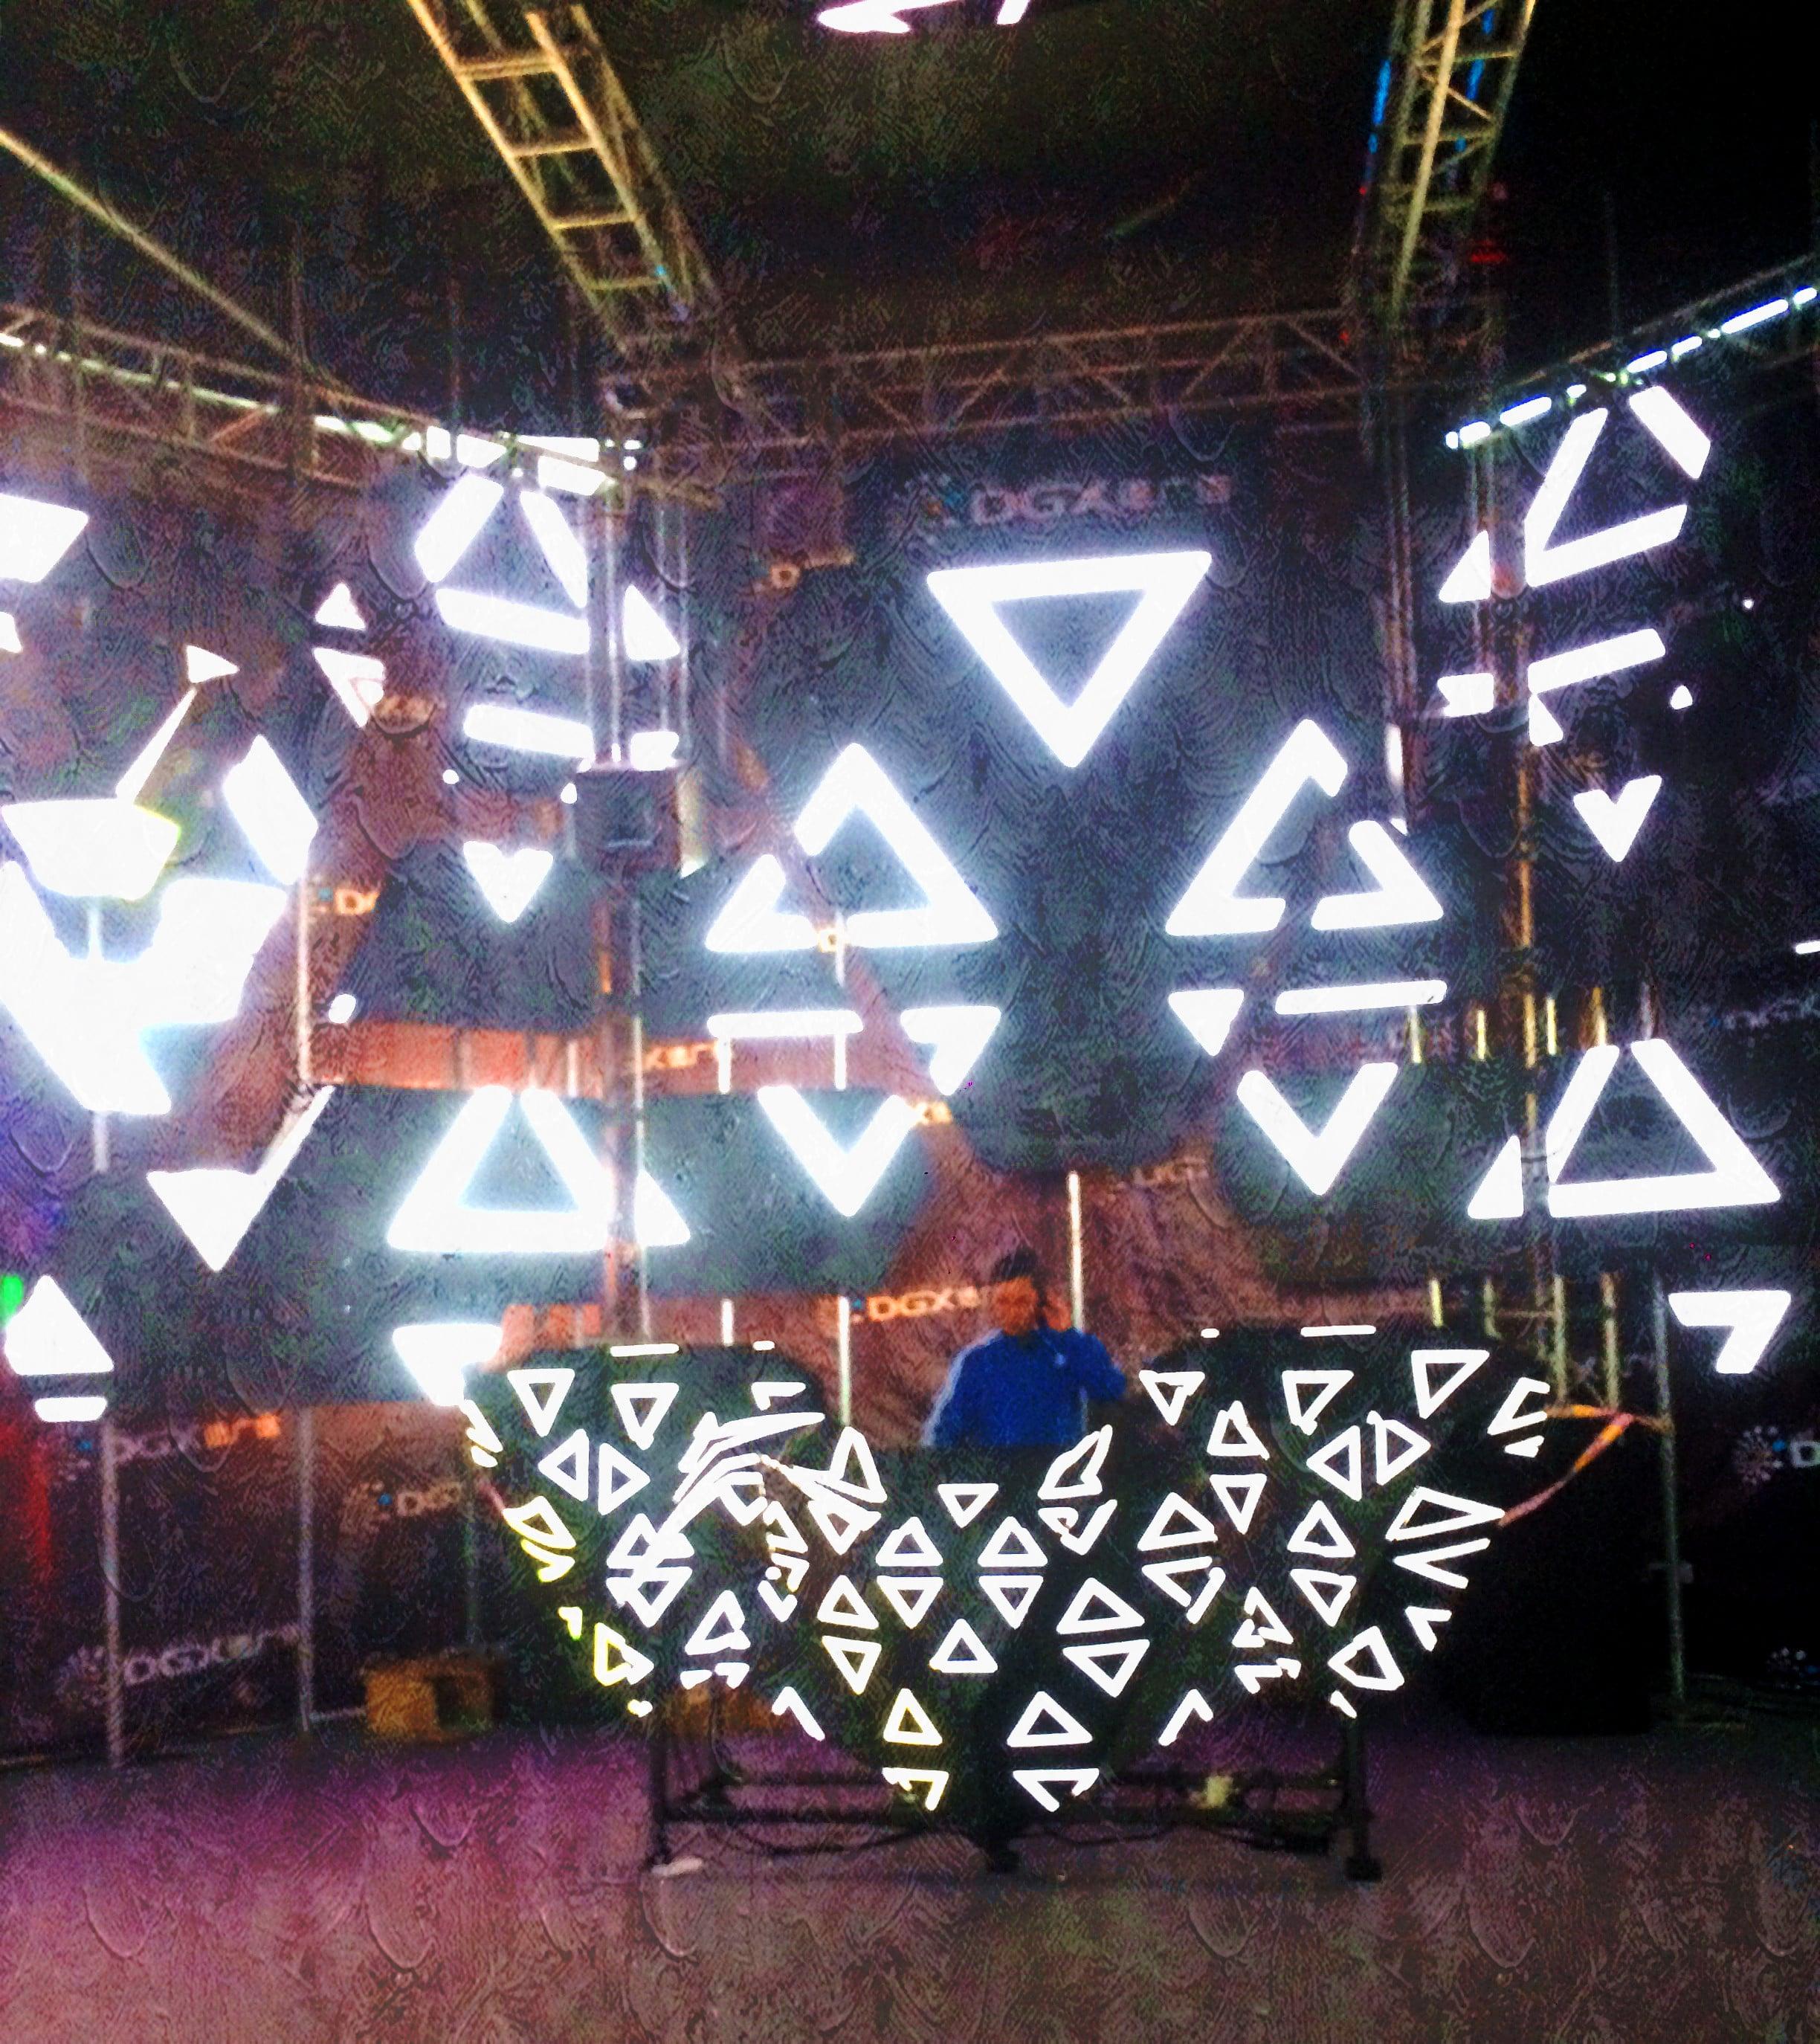 niezwykłe wizualizacje Ekran LED dla DJ